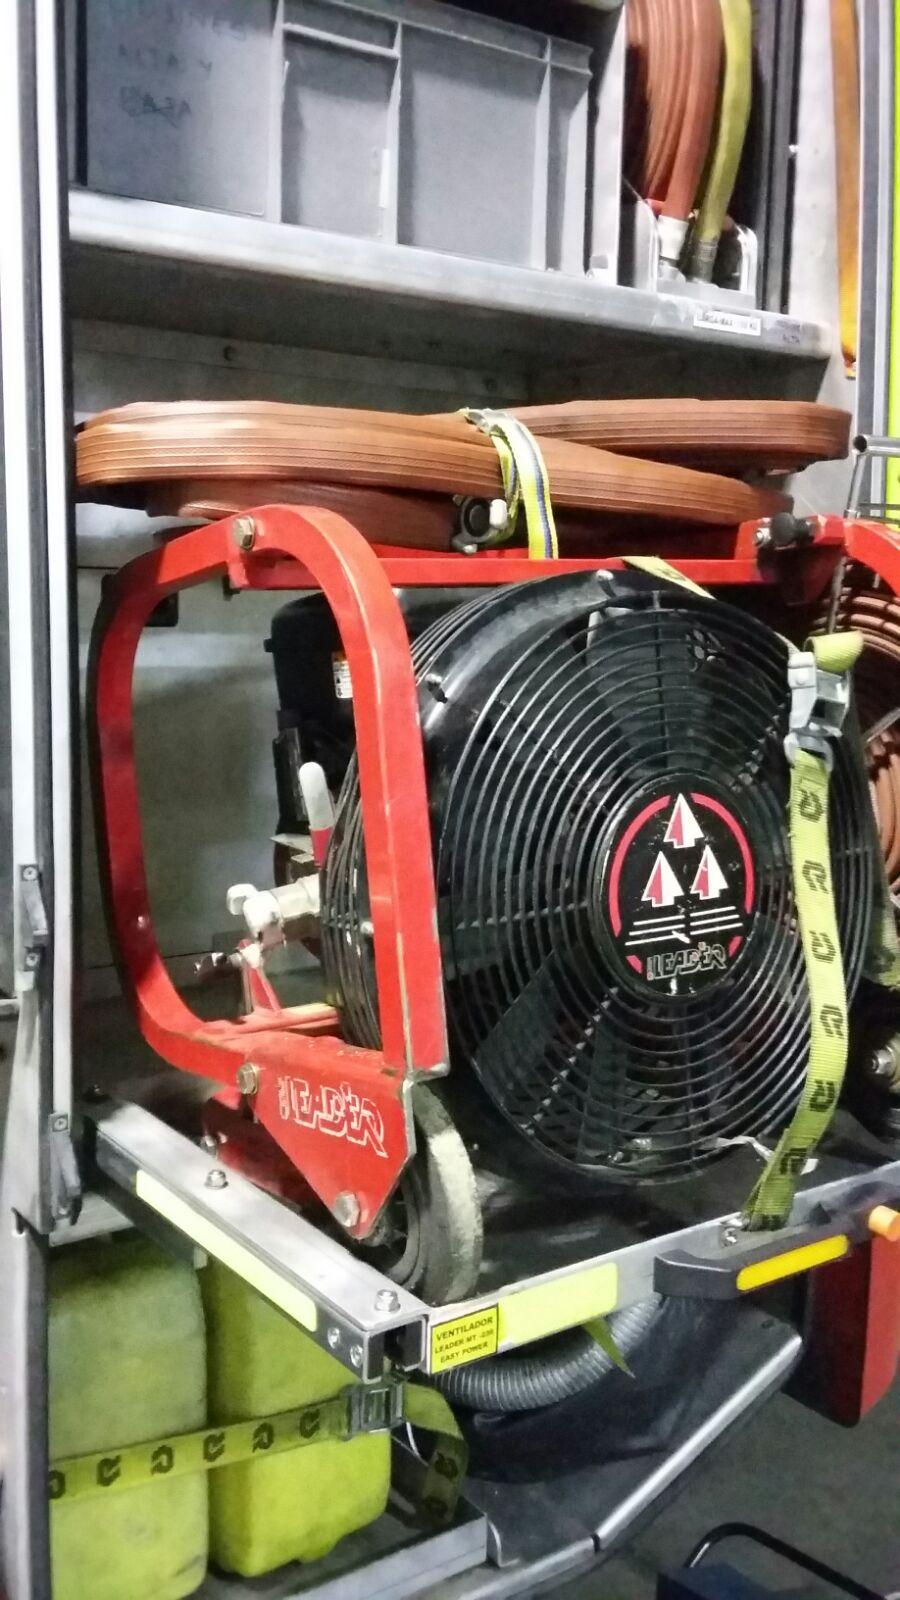 Ventilador para introducir aire limpio del exterior.